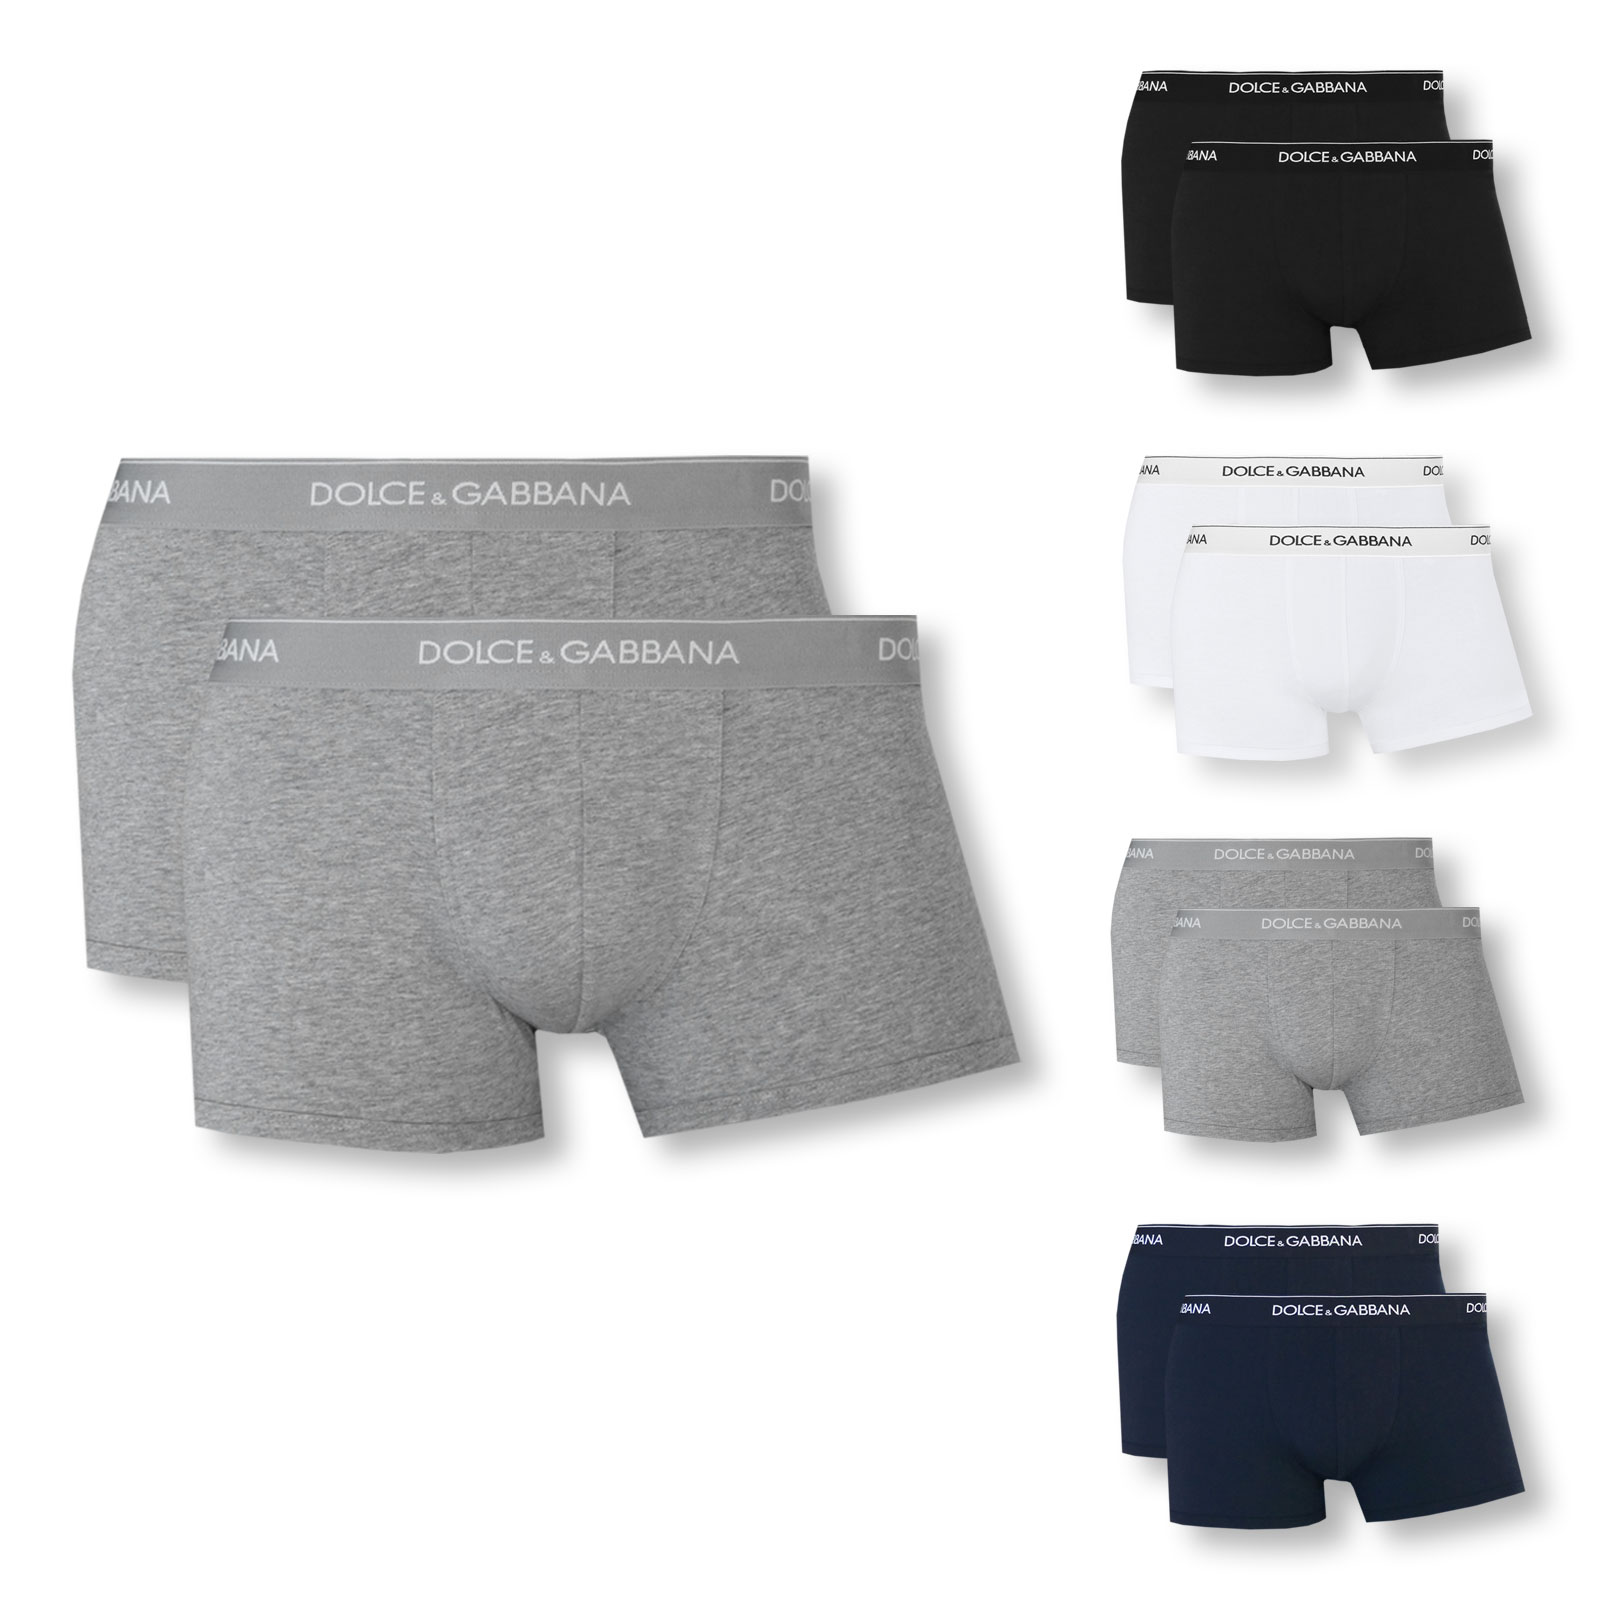 2er Pack Dolce & Gabbana Boxershorts Regular Boxer S M L XL XXL N9A07J in grey melange